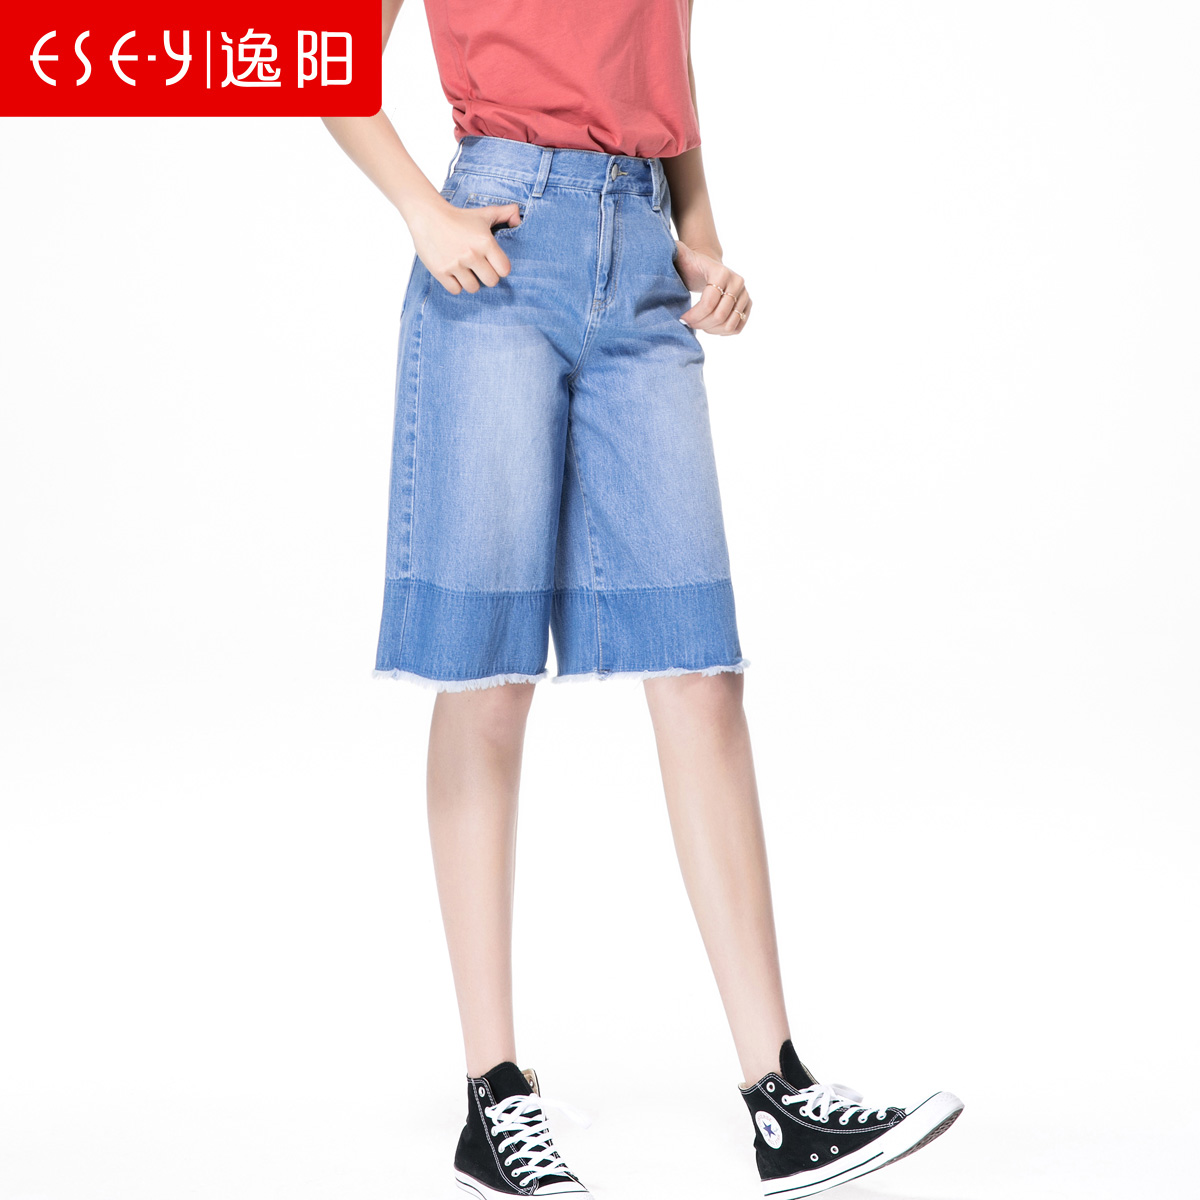 逸阳女裤2018夏季新款五分牛仔短裤女毛边阴影直筒宽松bf时尚chic